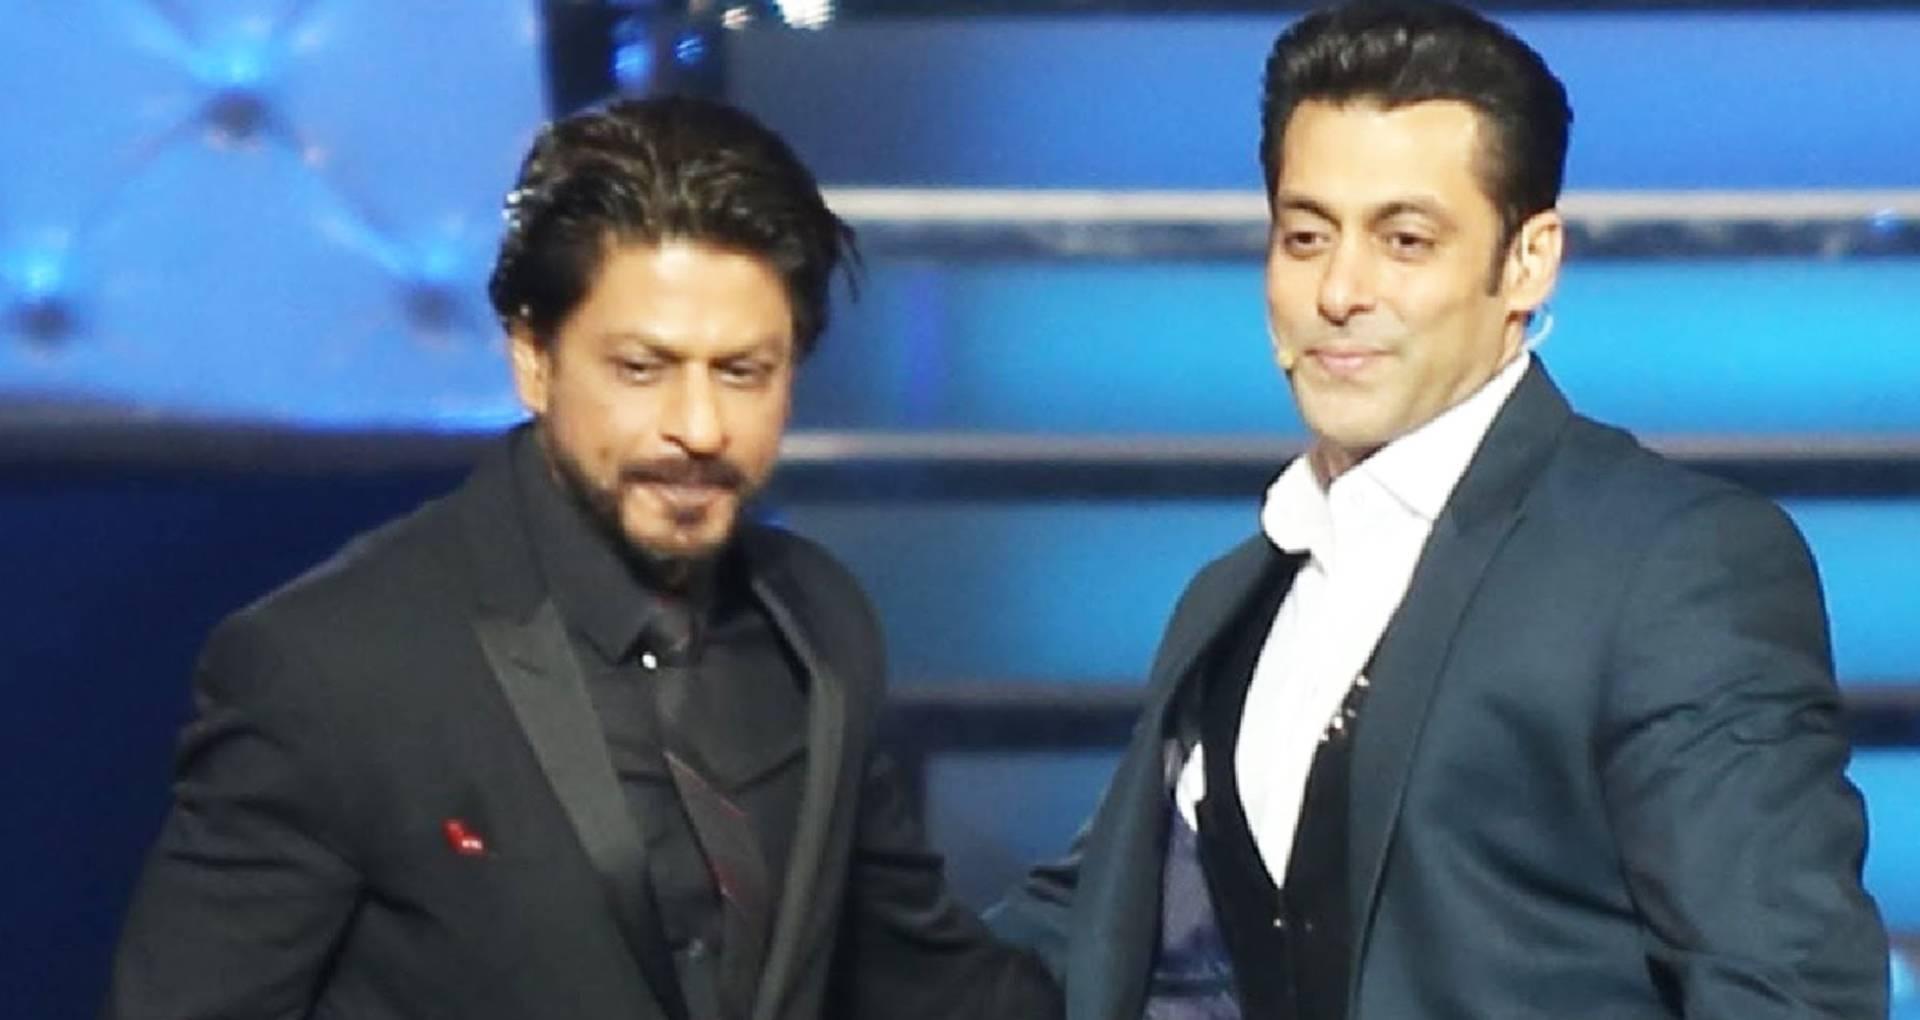 शाहरुख-सलमान खान बड़े पर्दे पर दिखेंगे एक साथ, इस बड़े डायरेक्टर के साथ मिला सकते हैं हाथ!